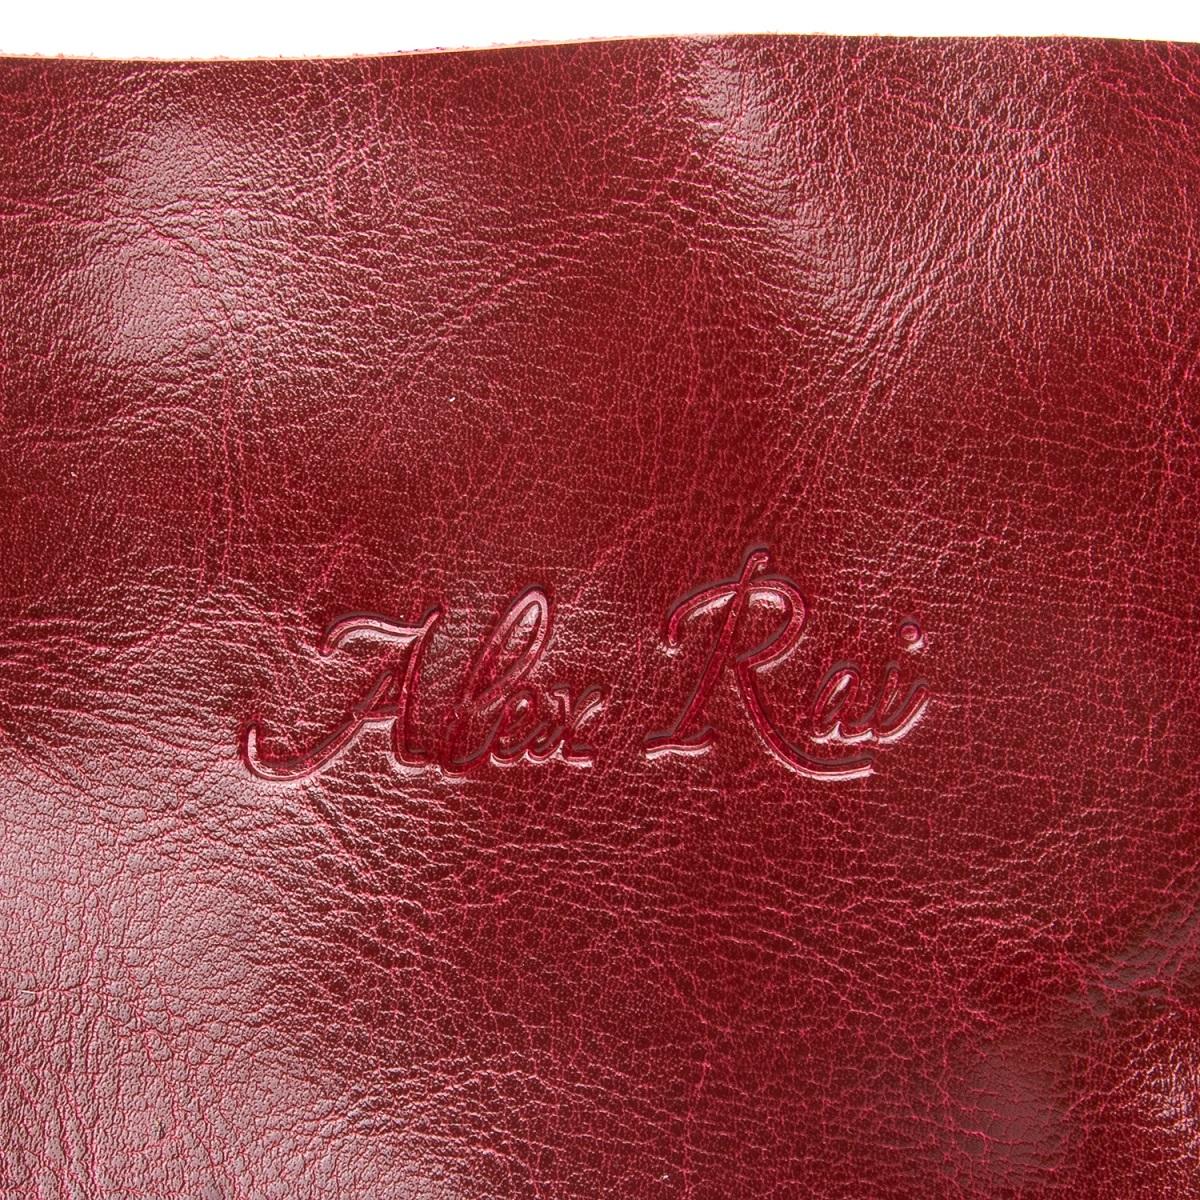 Сумка Женская Классическая кожа ALEX RAI 08-1 8603 wine-red